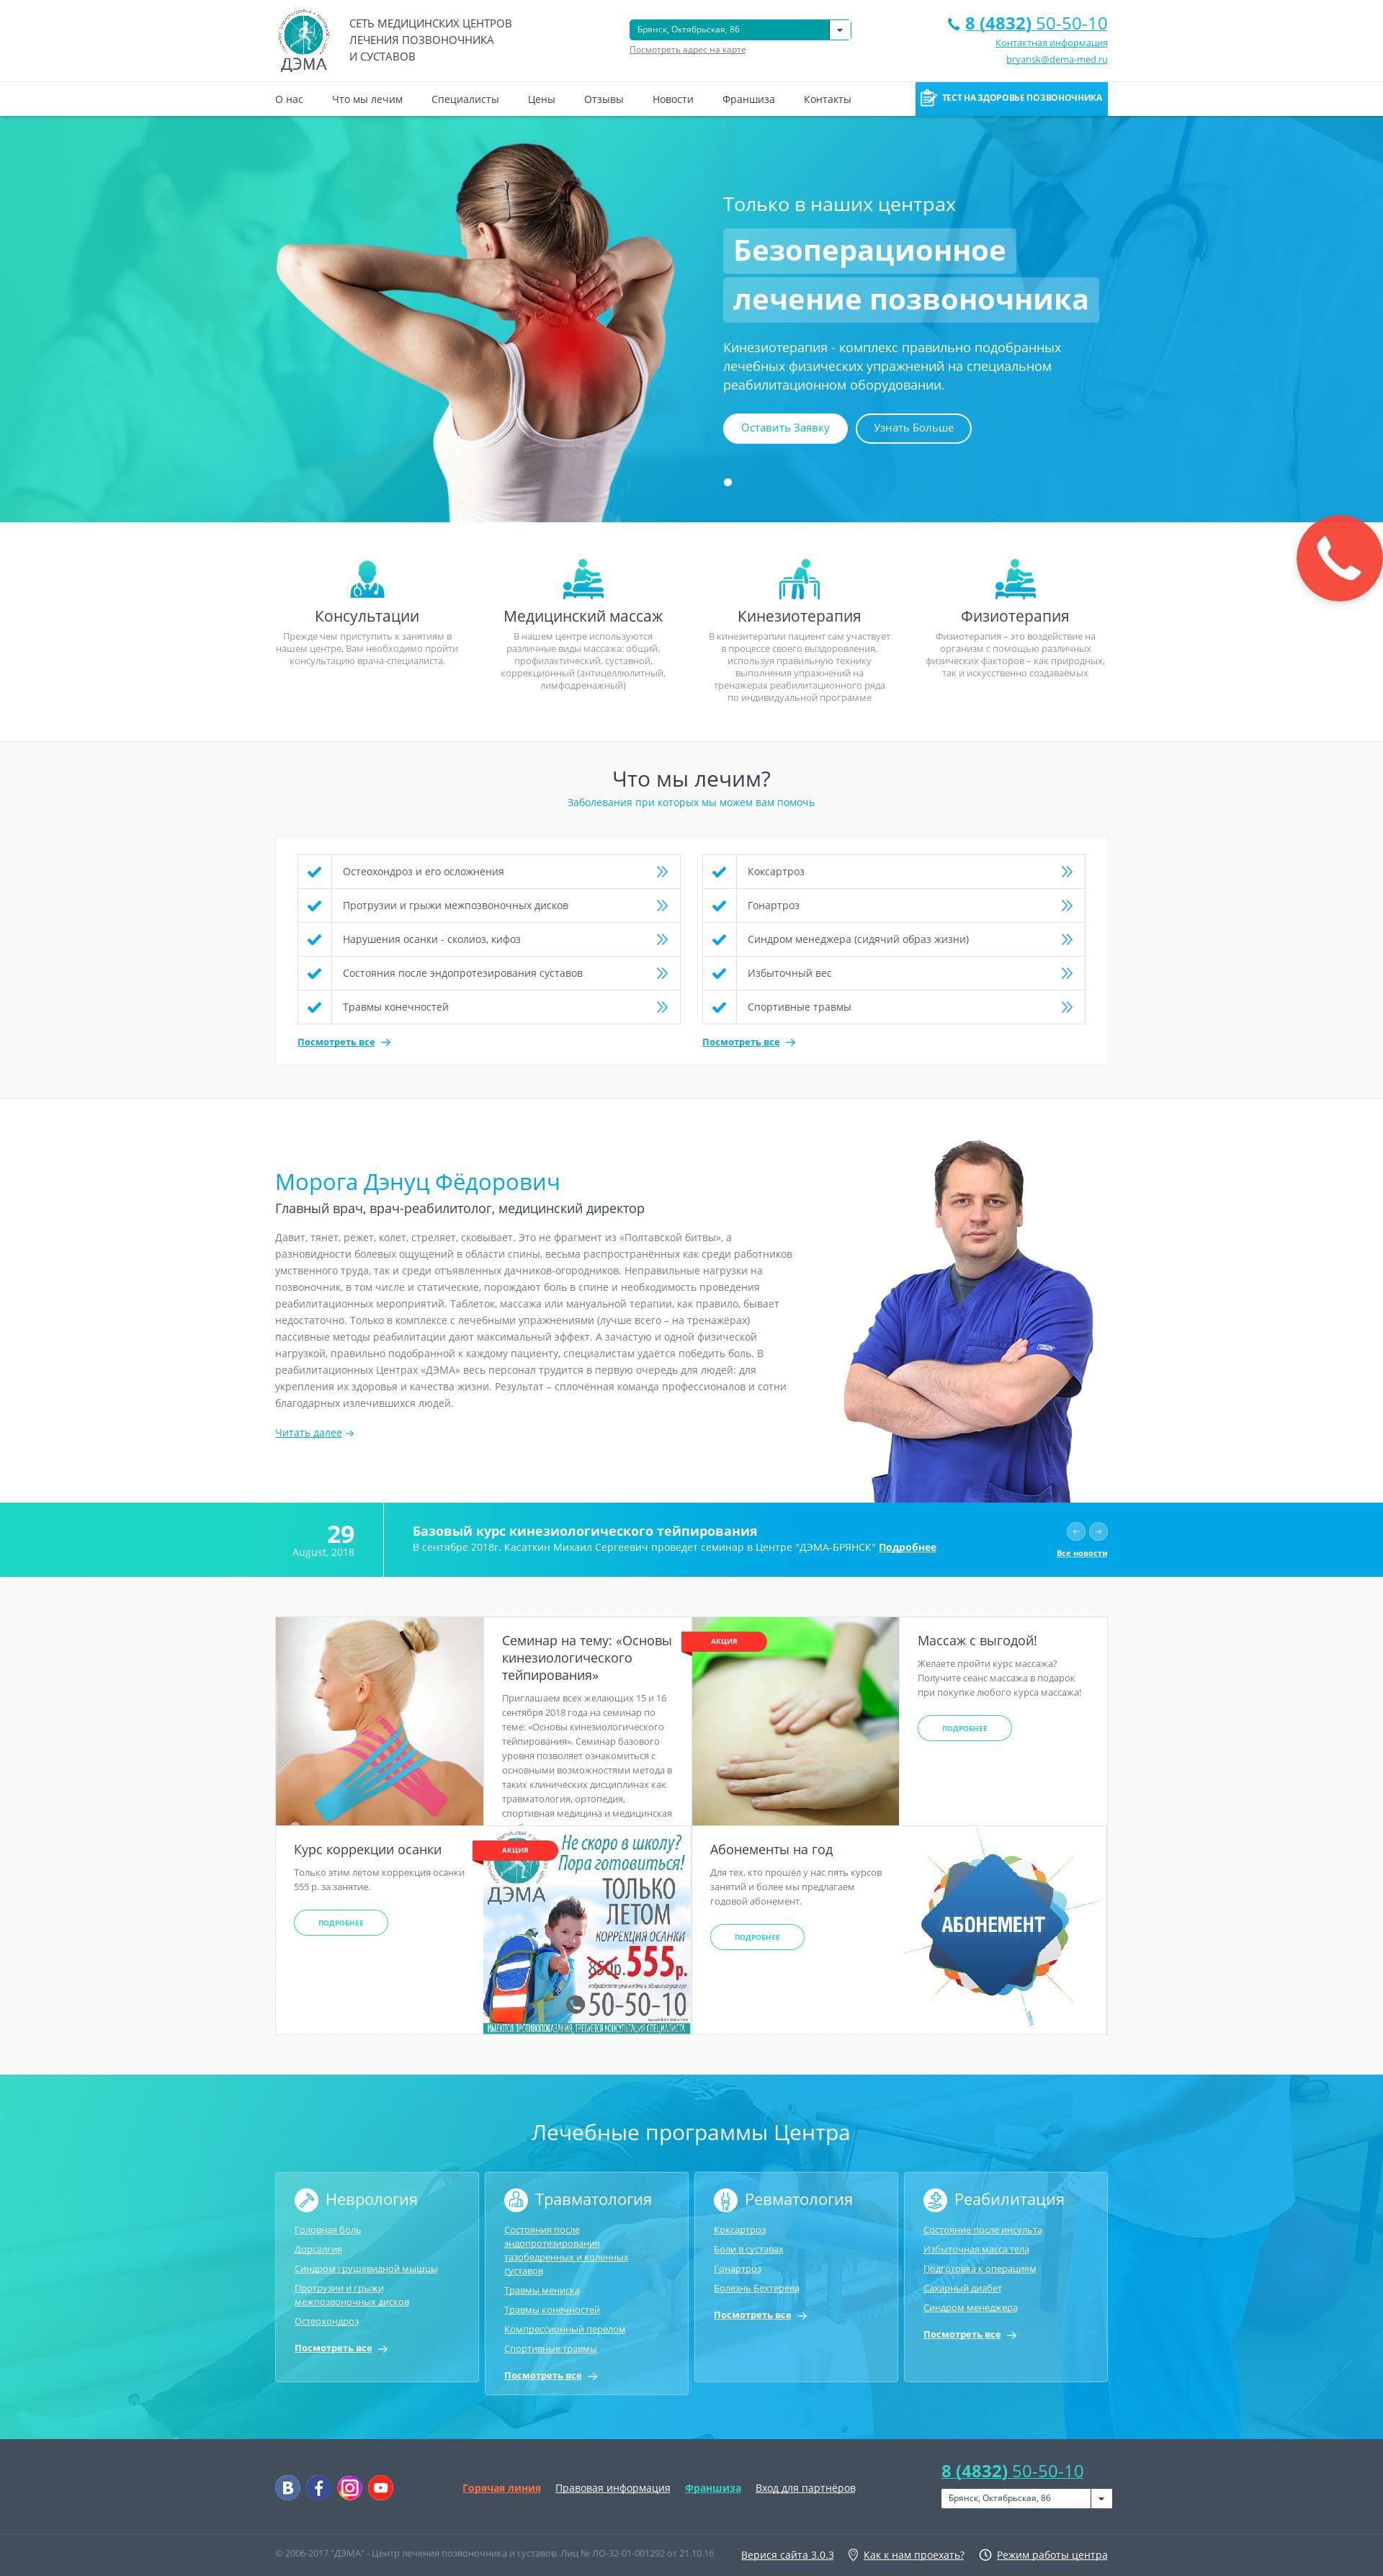 Дизайн сайта для медицинского центра